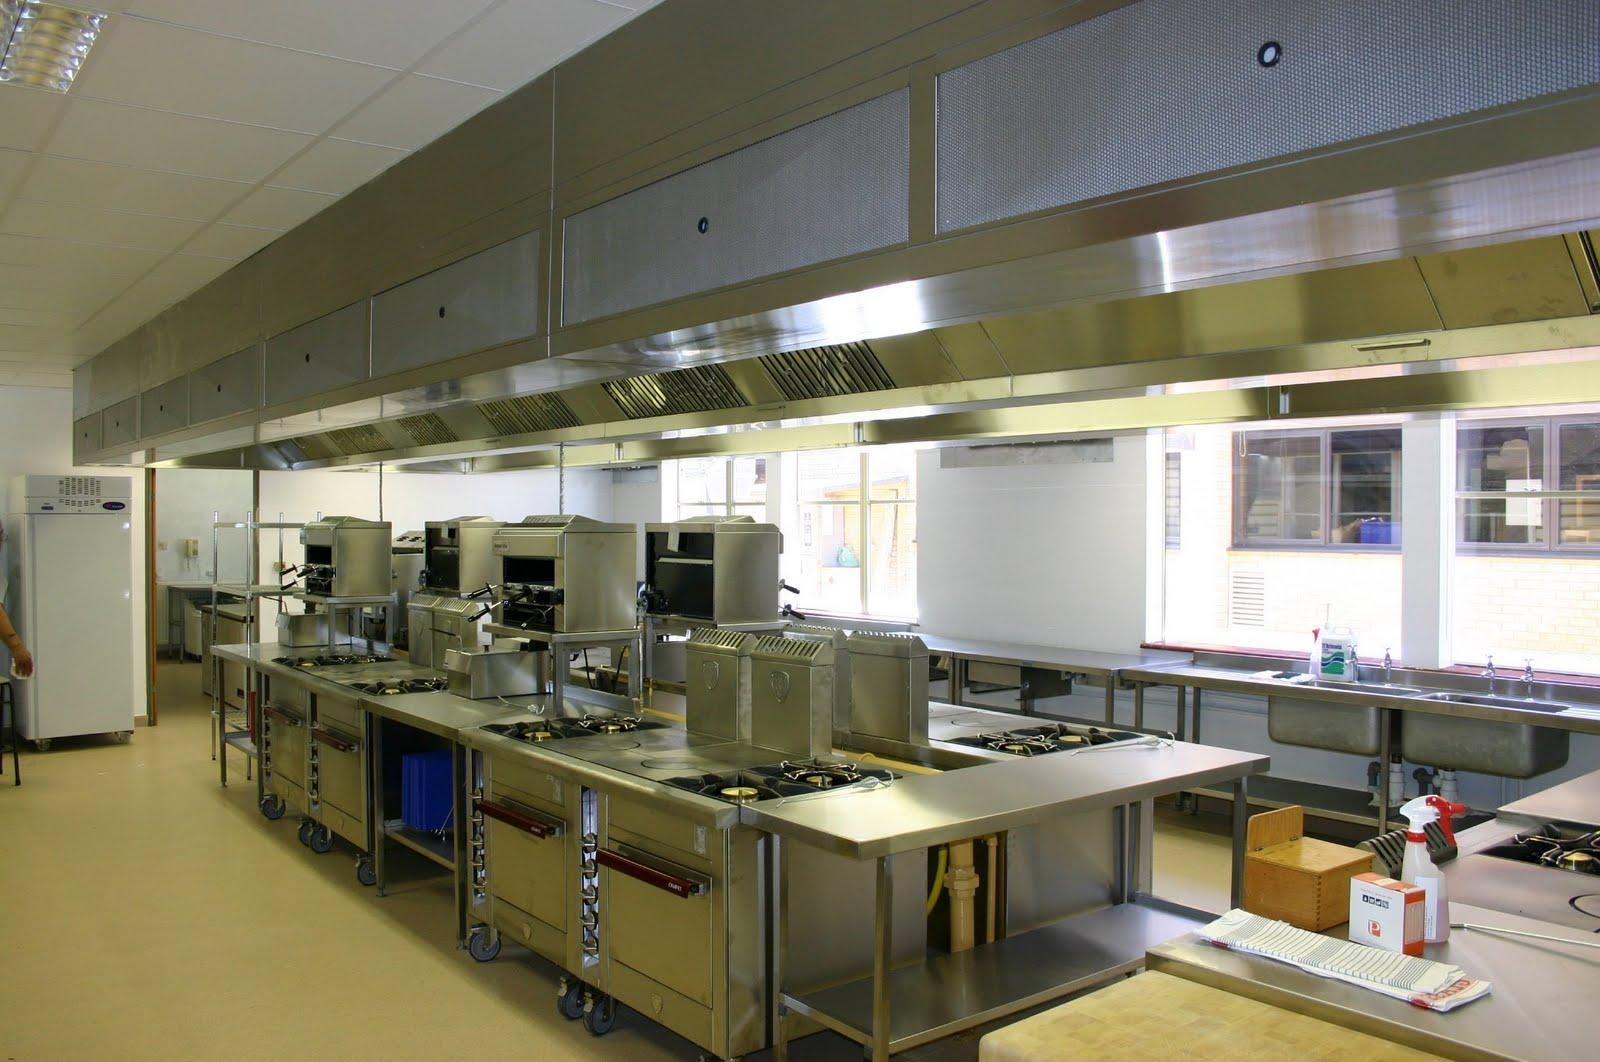 Todoproductividad ventilaci n eficiente en las cocinas for Distribucion de cocinas industriales